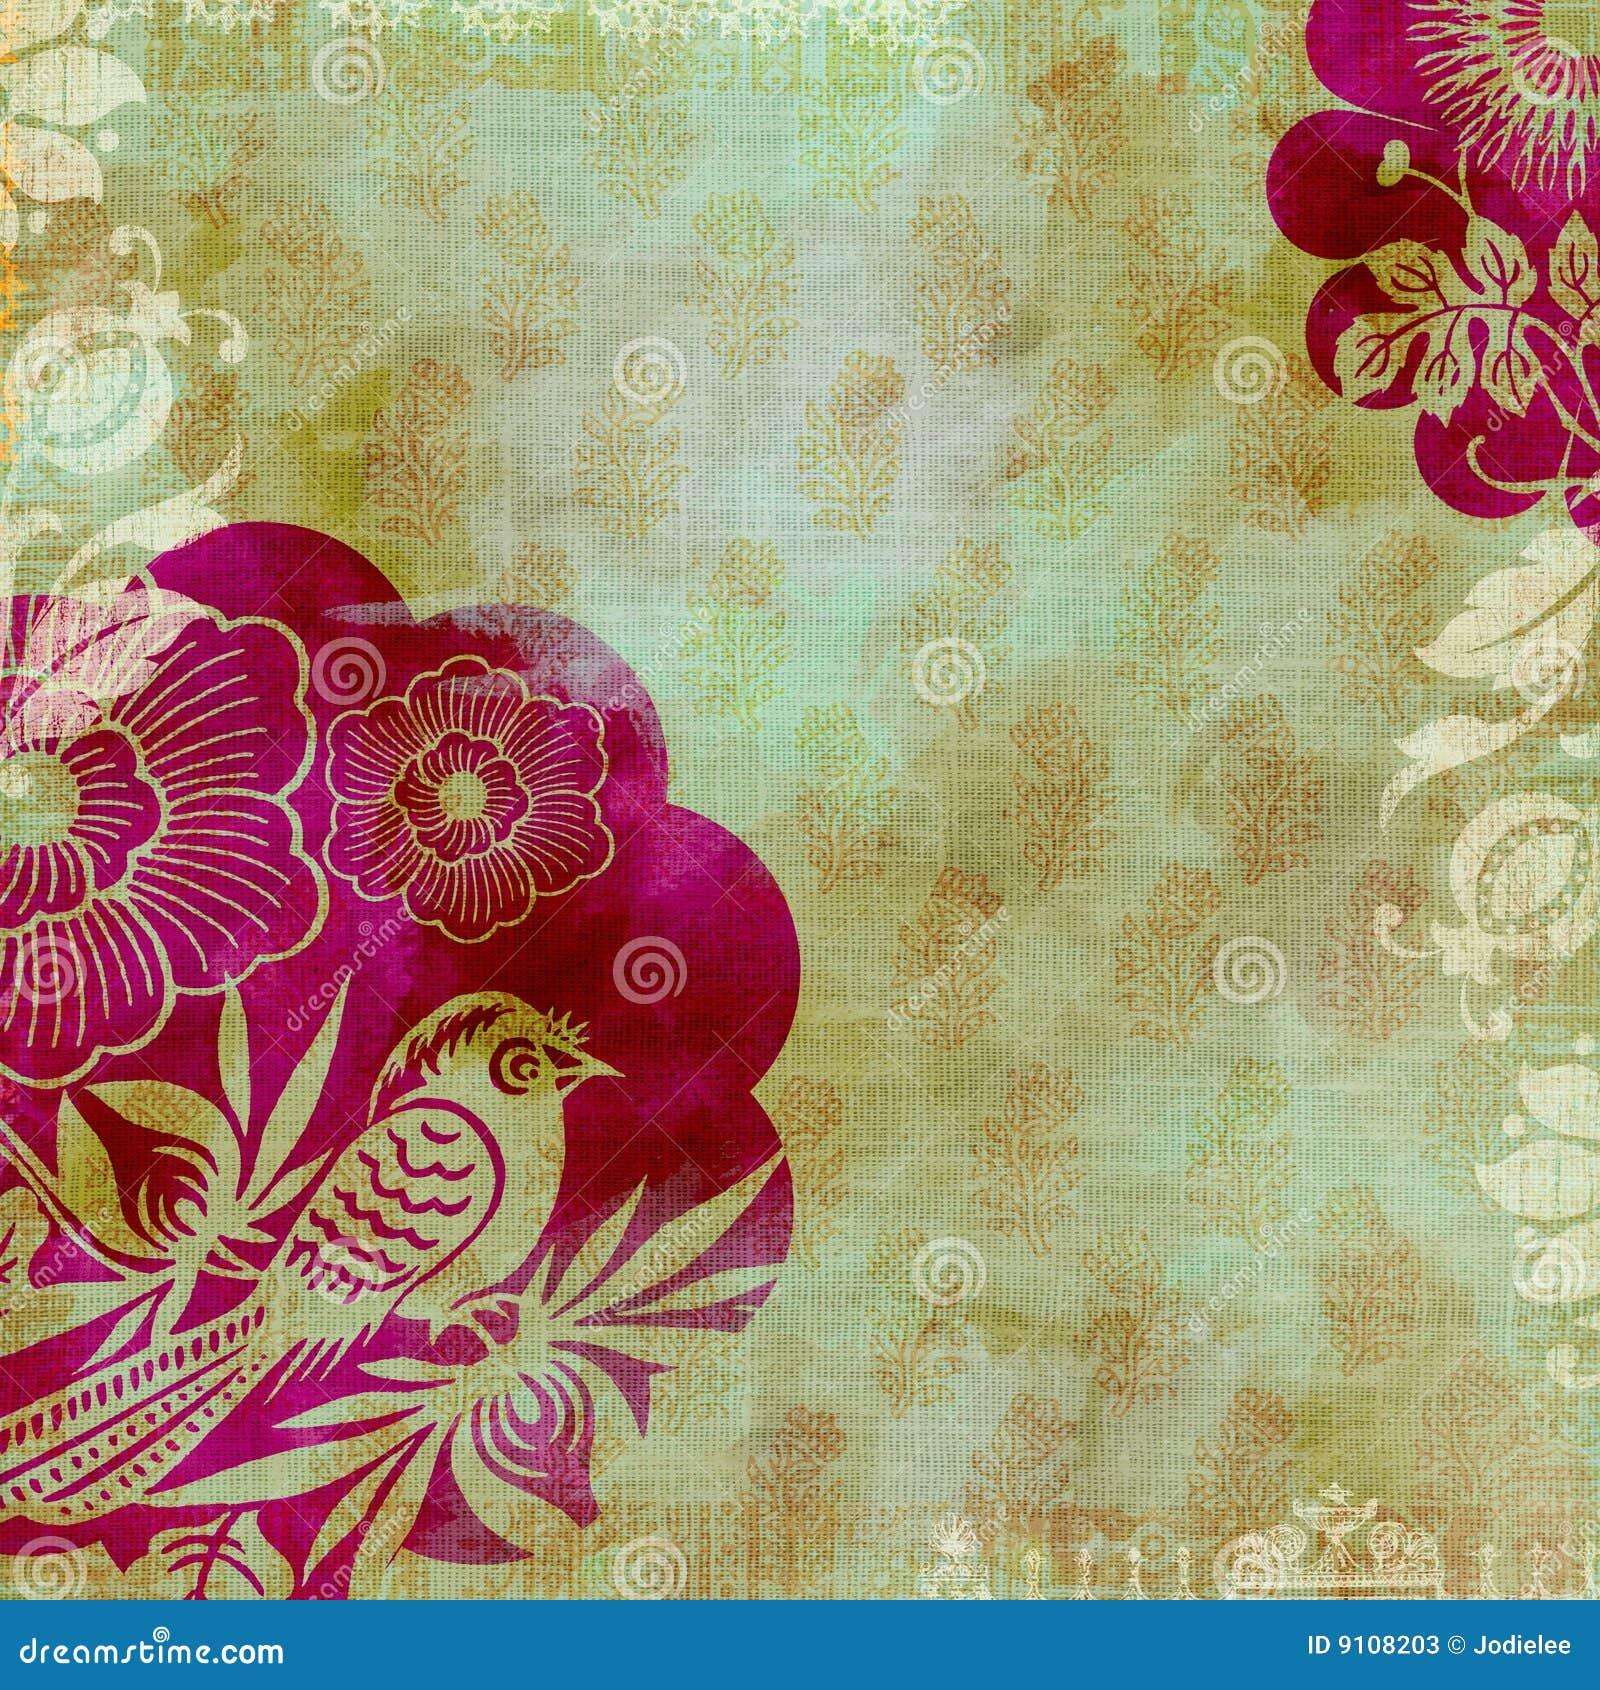 Artisti Batik Floral Design Background